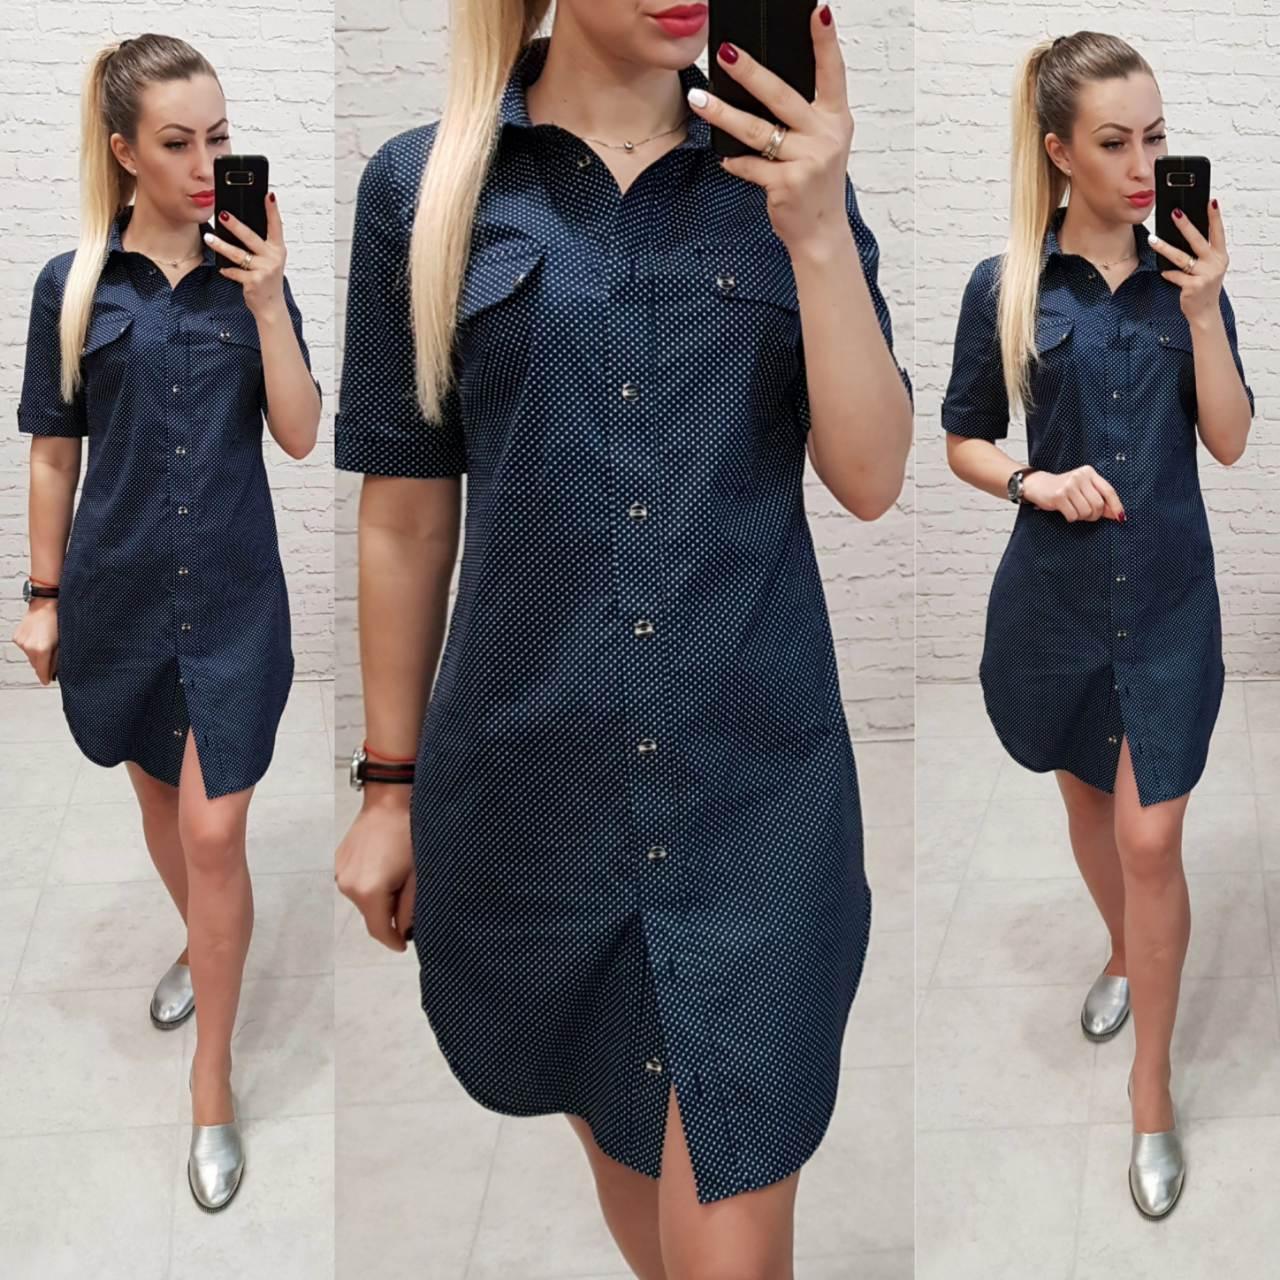 Новинка!!! Стильне плаття - сорочка, арт 827, колір чорно - біла крапка